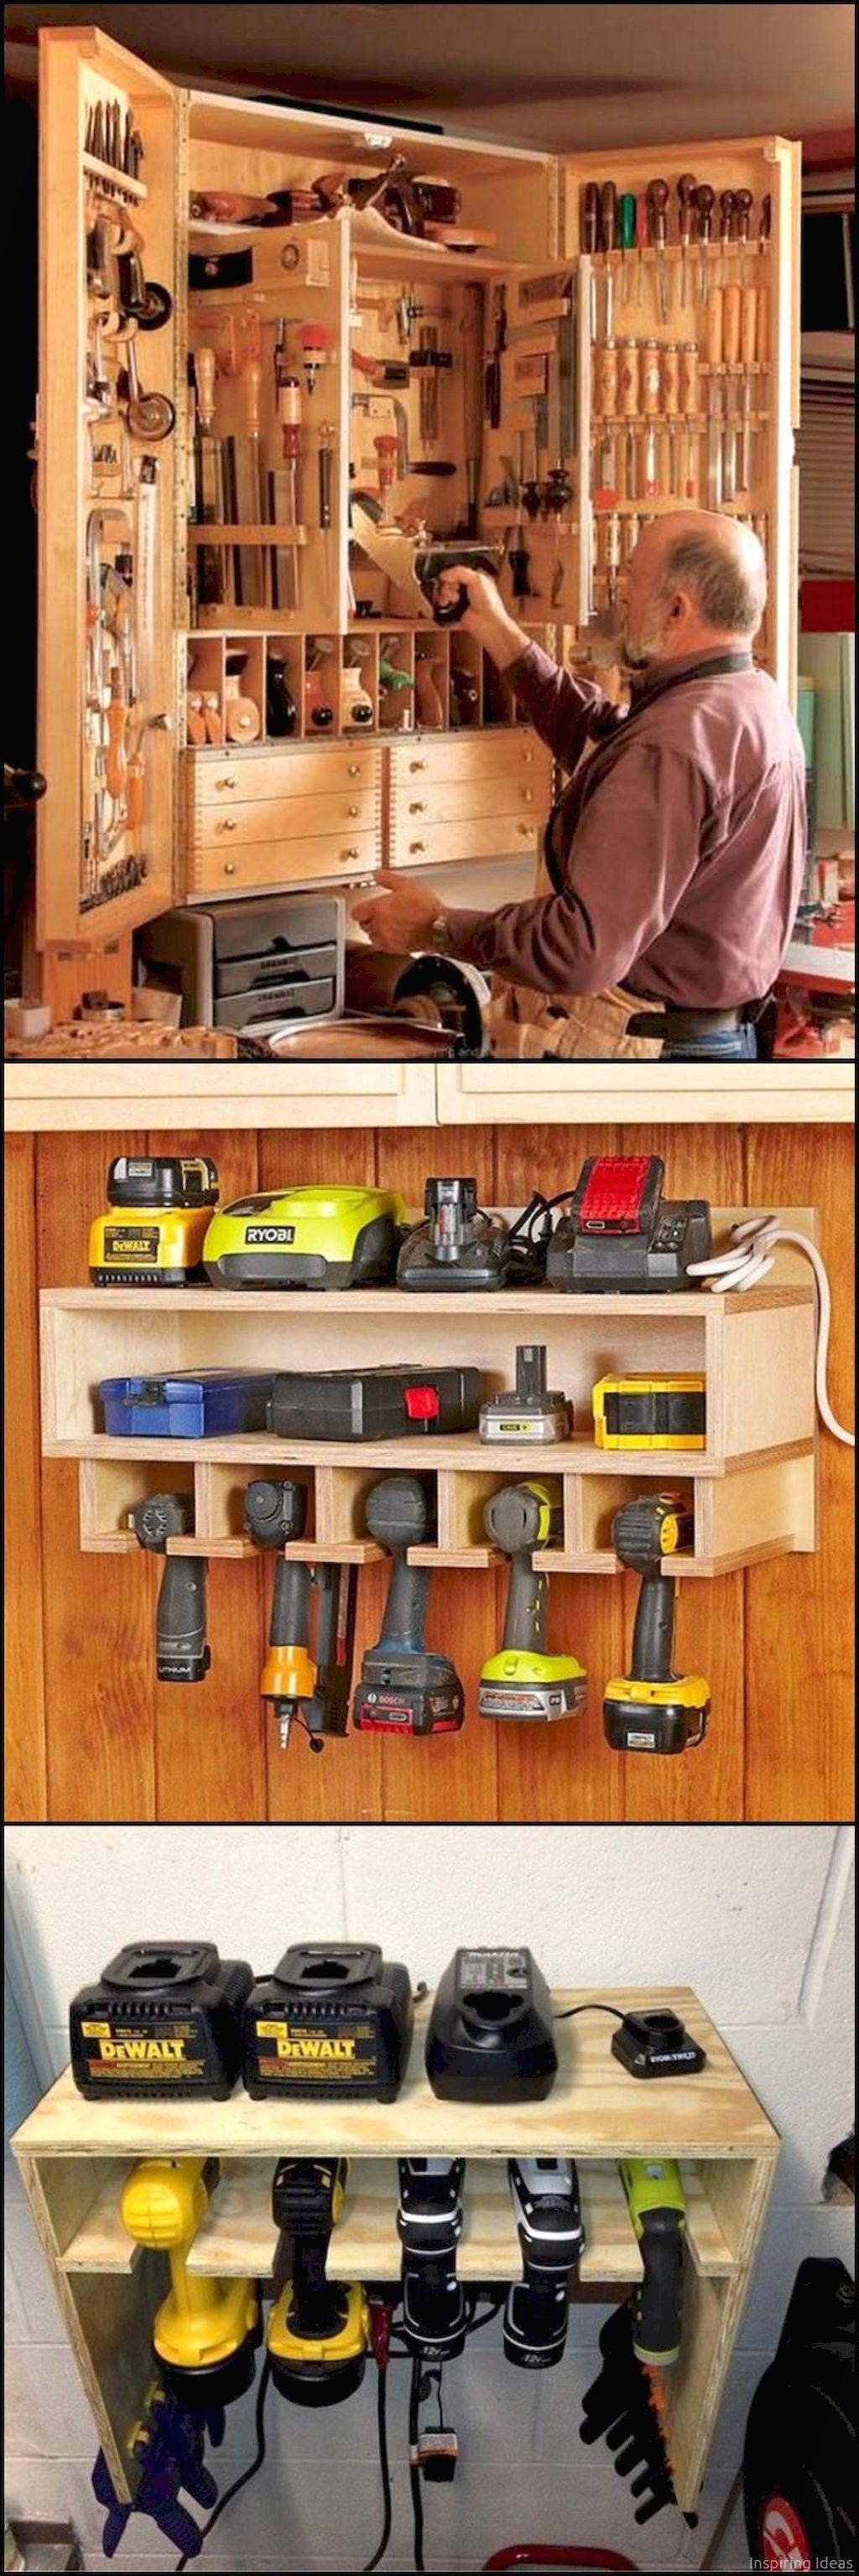 56 clever garage organizations ideas workshop storage on clever garage organization ideas id=24371